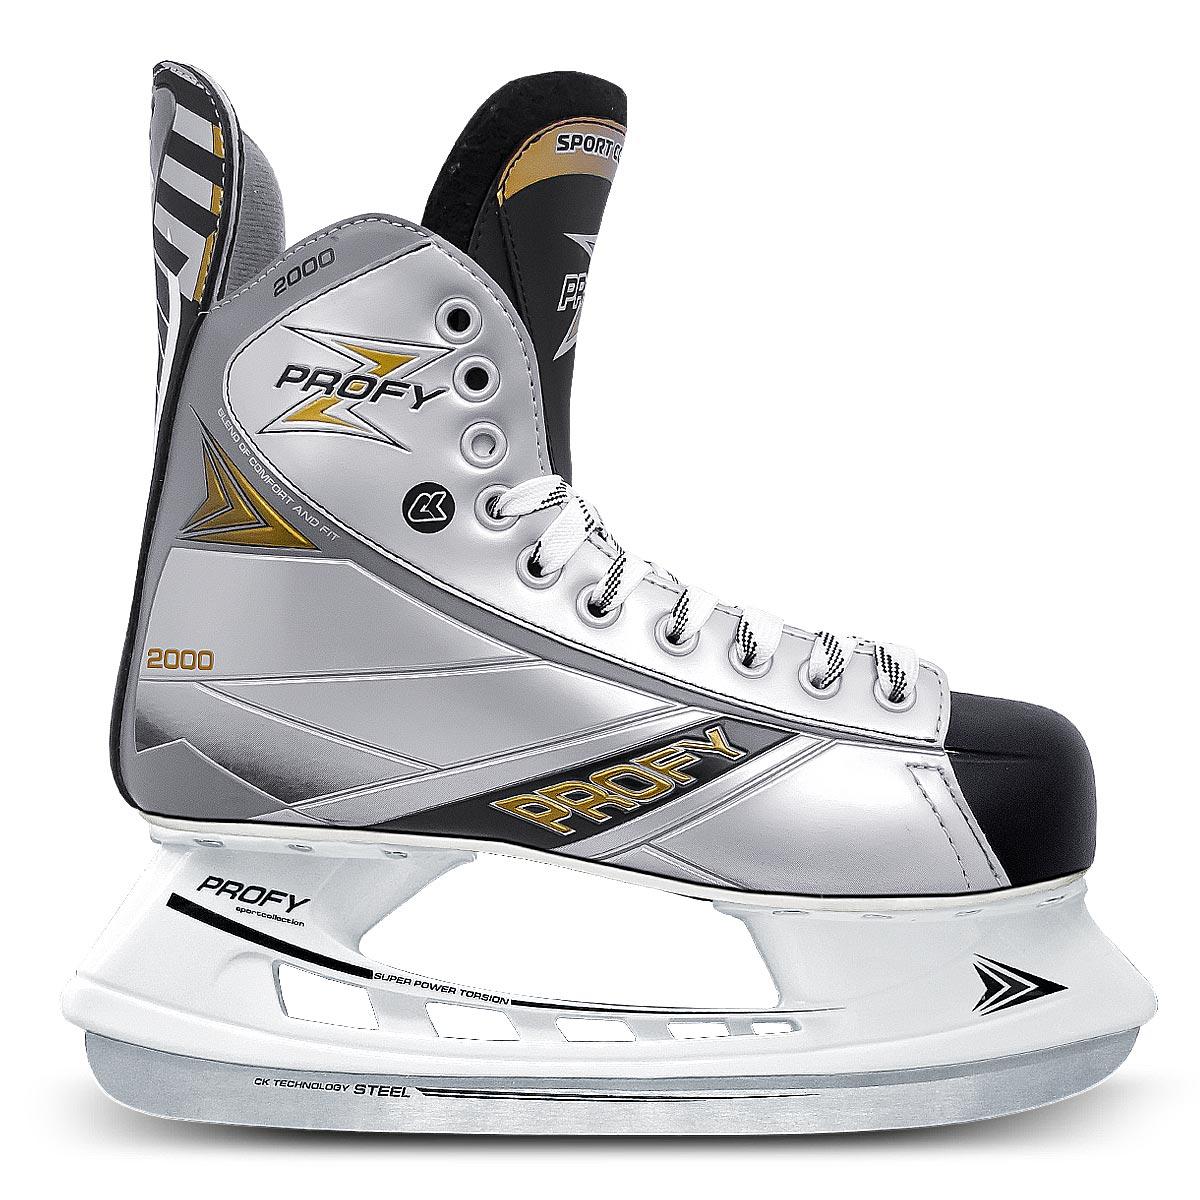 Коньки хоккейные мужские СК Profy Z 2000, цвет: черный, серый. Размер 44PROFY Z 2000_черный, серый_44Стильные мужские коньки от CK Profy Z 2000 прекрасно подойдут для начинающих игроков в хоккей. Ботинок выполнен из морозоустойчивой искусственной кожи и ПВХ. Мыс дополнен вставкой, которая защитит ноги от ударов. Внутренний слой и стелька изготовлены из мягкого текстиля, который обеспечит тепло и комфорт во время катания, язычок - из войлока. Плотная шнуровка надежно фиксирует модель на ноге. Голеностоп имеет удобный суппорт. По верху коньки декорированы тиснением в виде логотипа бренда. Подошва - из твердого пластика. Стойка выполнена из ударопрочного поливинилхлорида. Лезвие из углеродистой нержавеющей стали обеспечит превосходное скольжение. Оригинальные коньки придутся вам по душе.